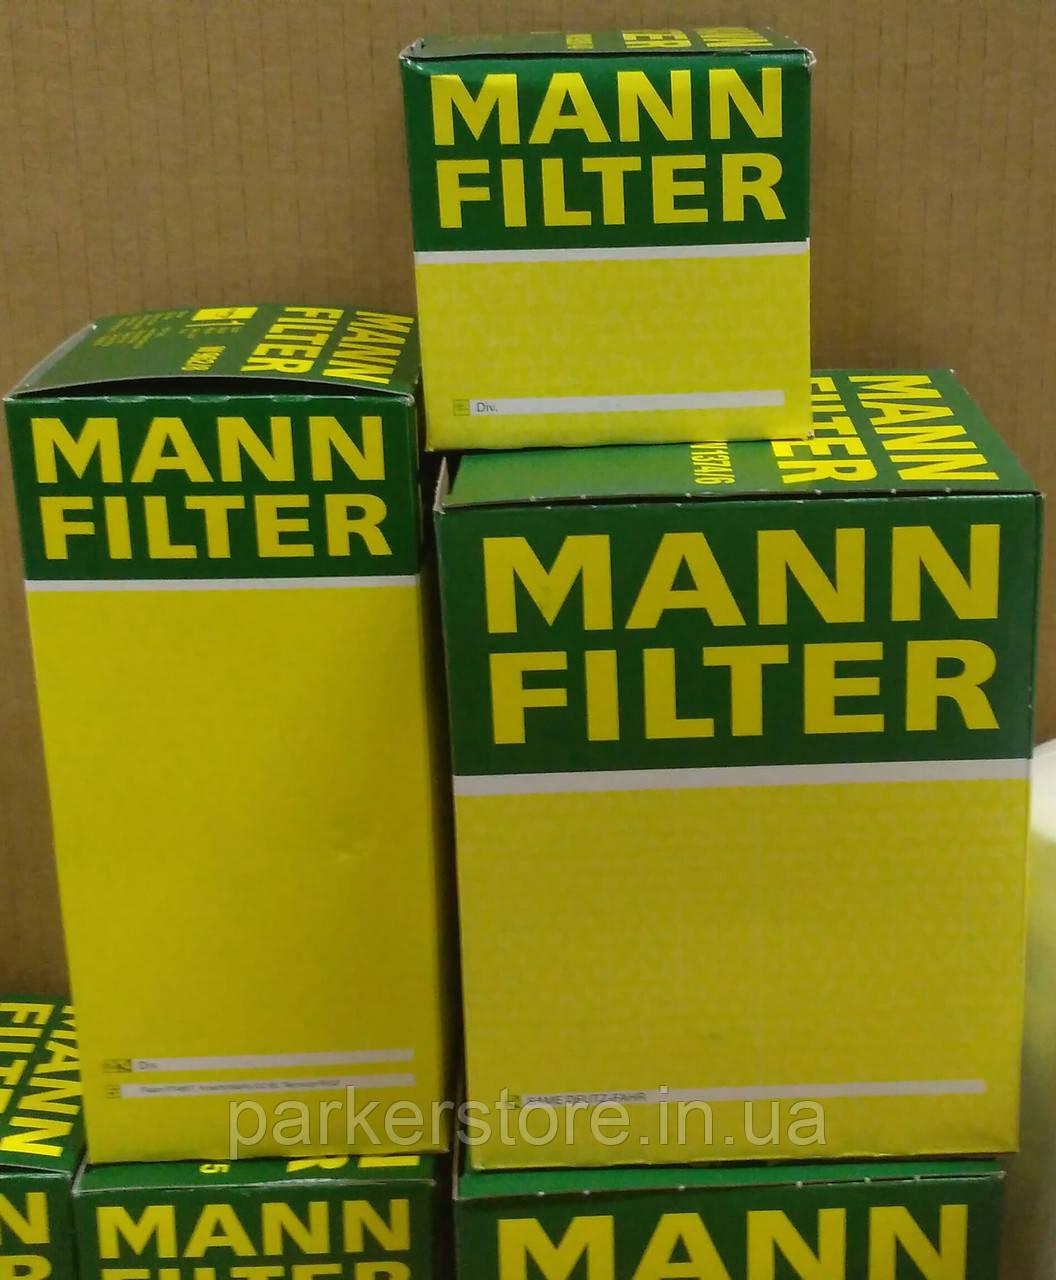 MANN FILTER / Воздушный фильтр / C 27 103 / C27103